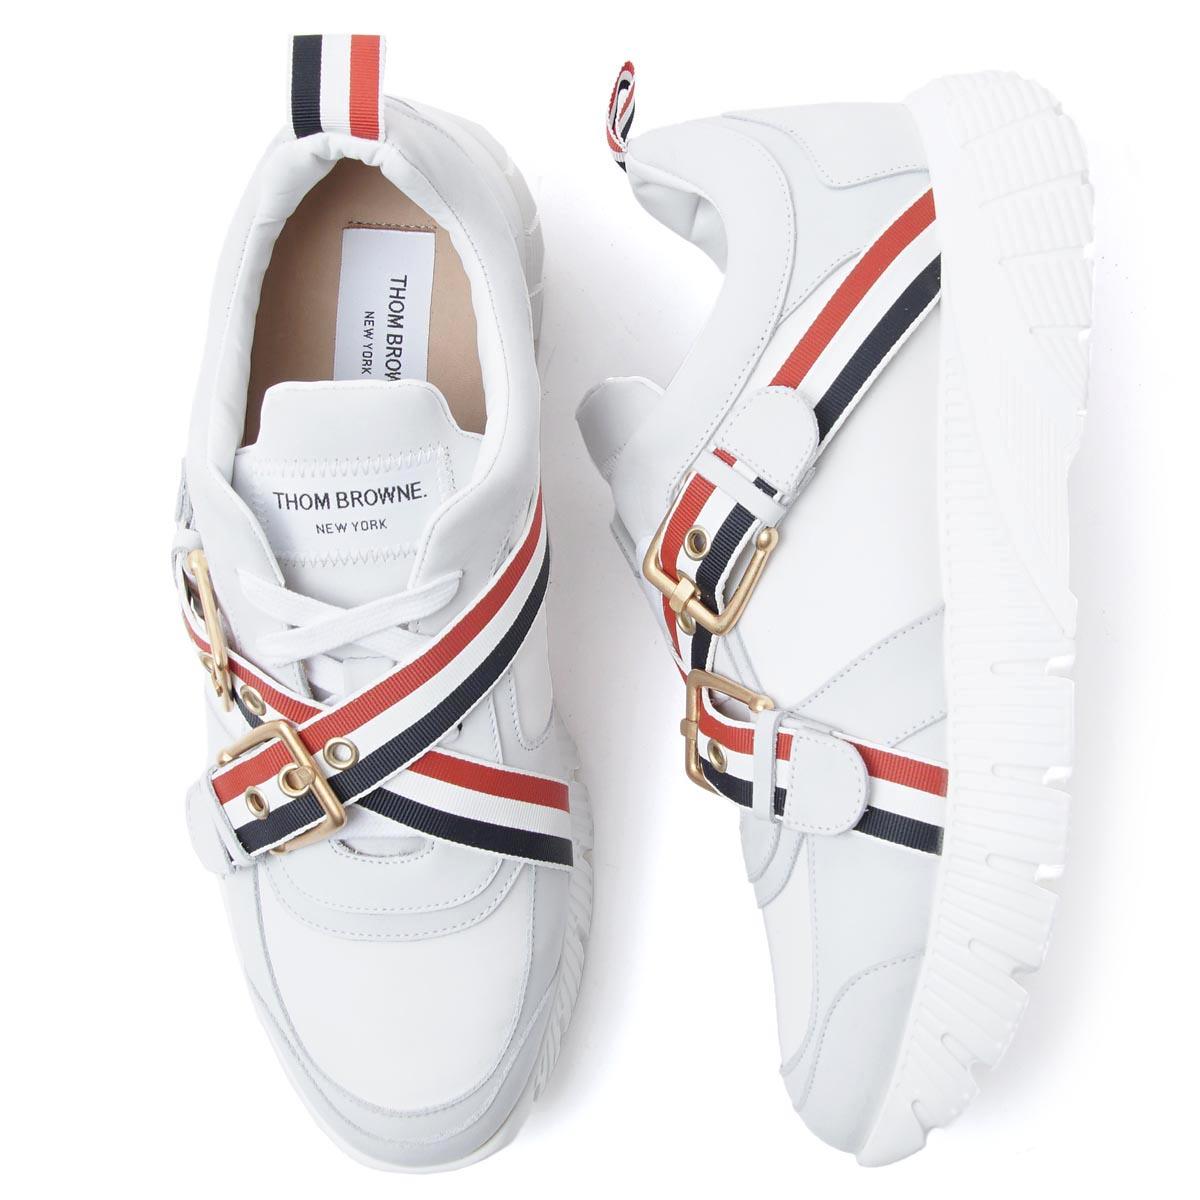 【アウトレット】トムブラウン THOM BROWNE. スニーカー ホワイト メンズ シューズ 靴 カジュアル 大きいサイズあり mfd130a 00618 100 RASED RUNNING SHOE【返品送料無料】【ラッピング無料】【190621】